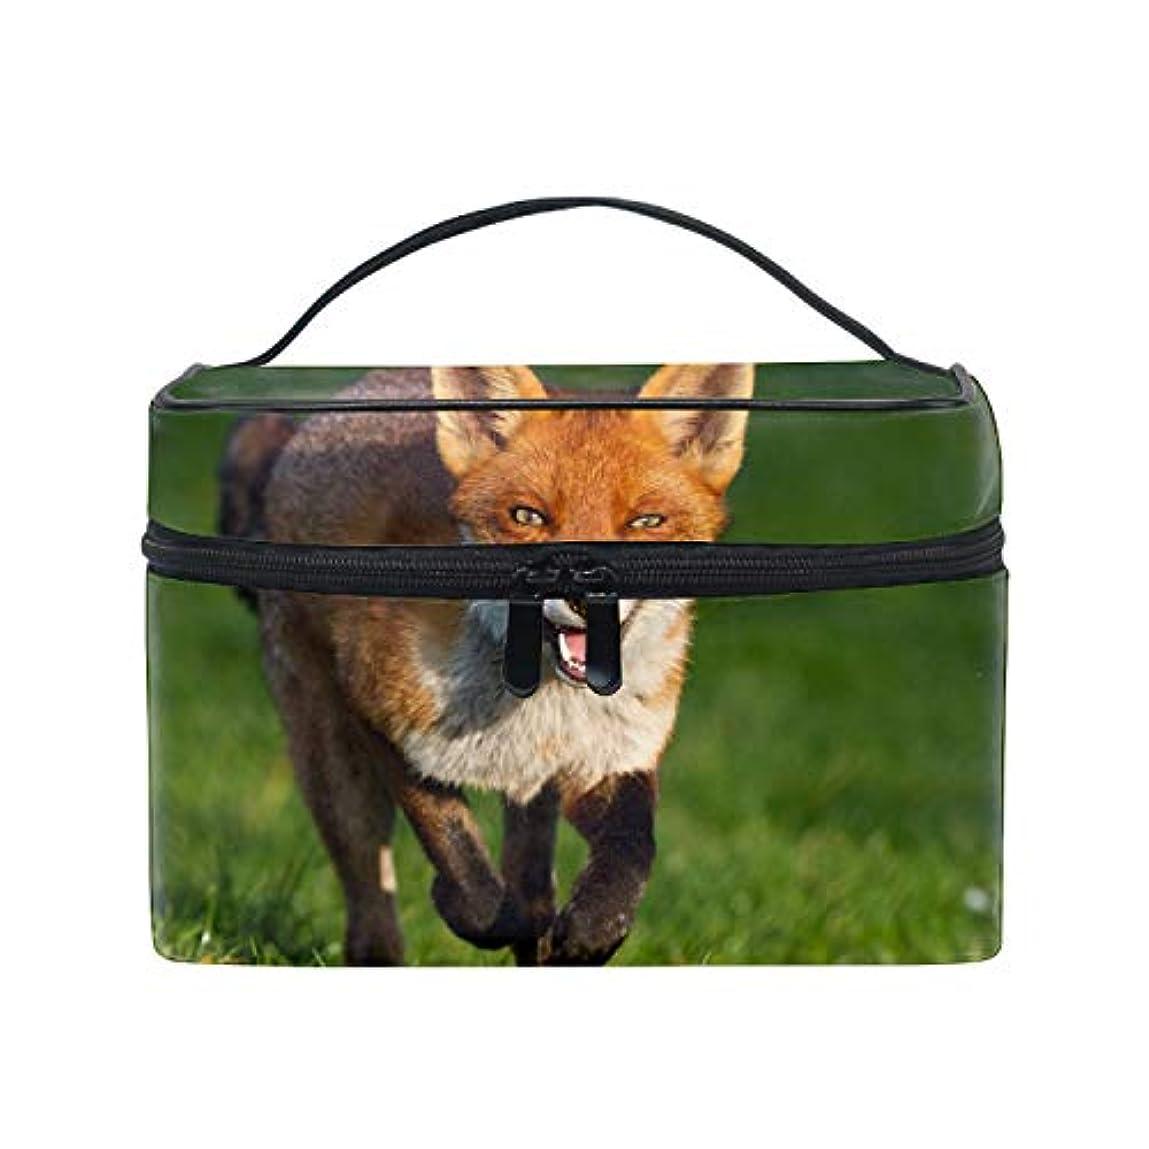 器用中絶平手打ちコスメポーチ 多機能収納ボックス 防水ケース 狐大容量 高品質 超軽量 旅行用